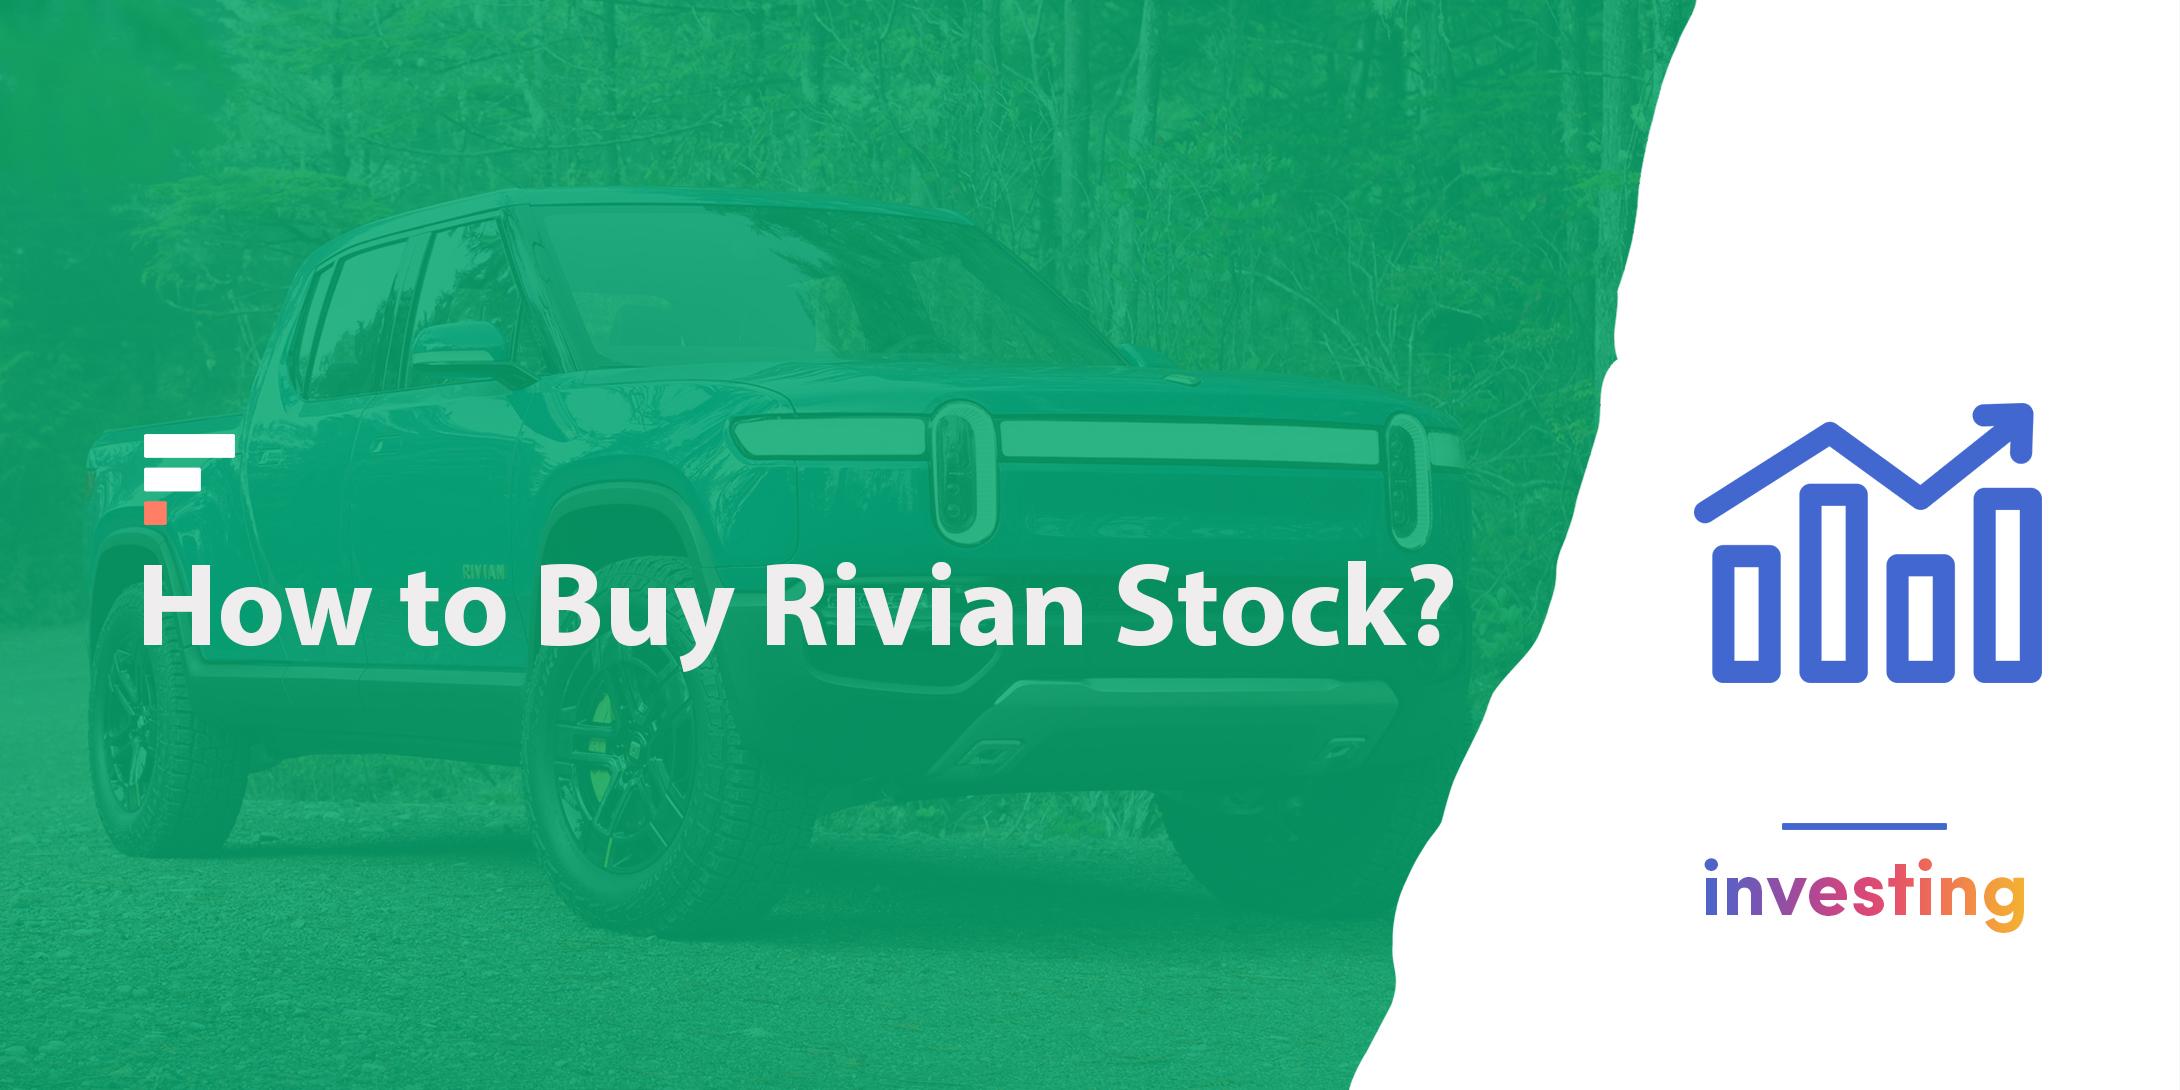 How to buy Rivian stock?